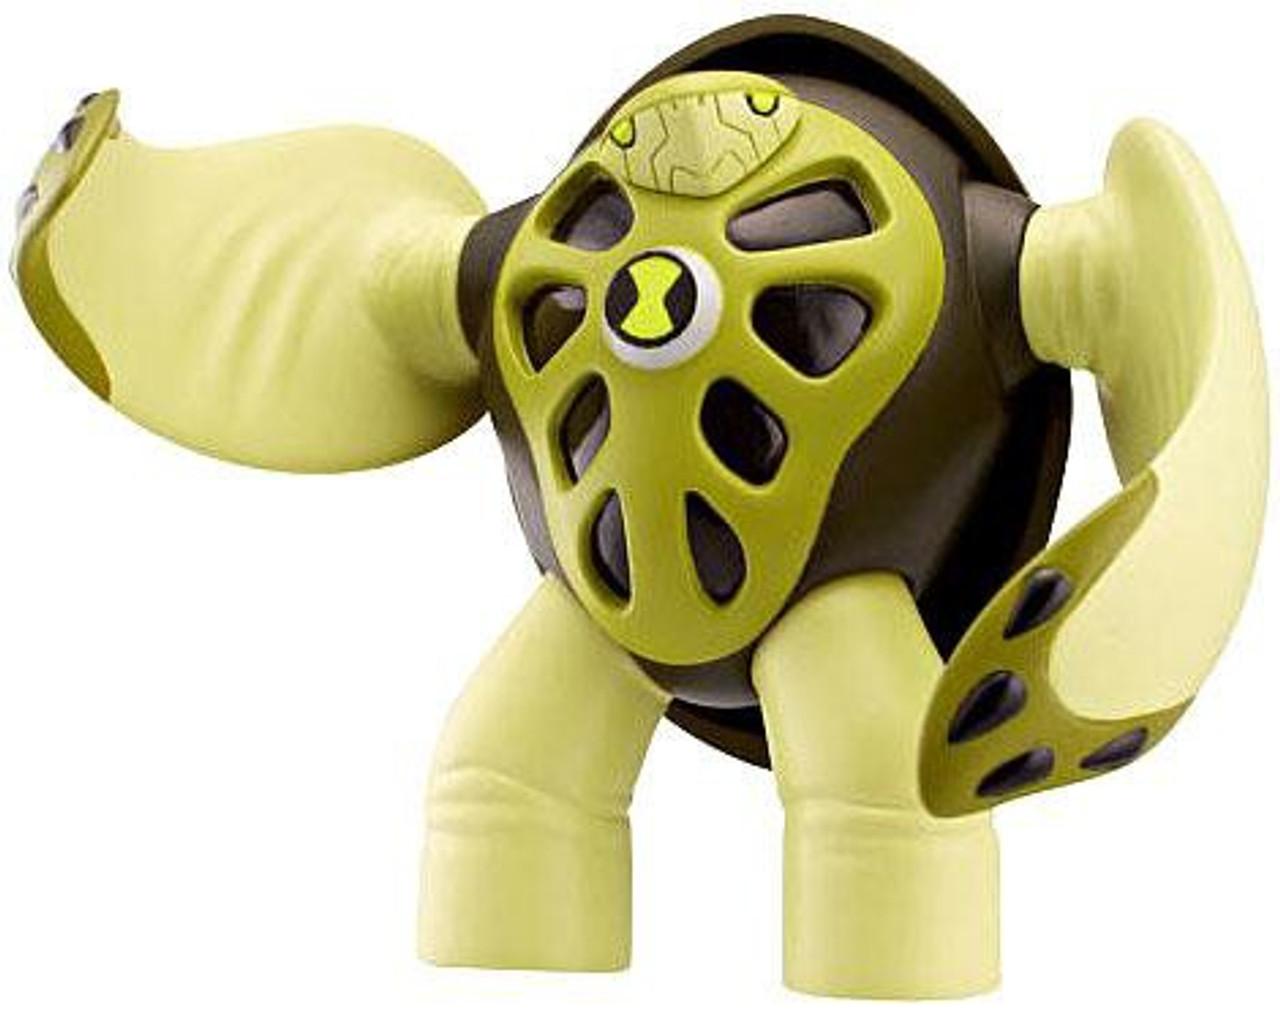 Ben 10 Ultimate Alien Terraspin Action Figure